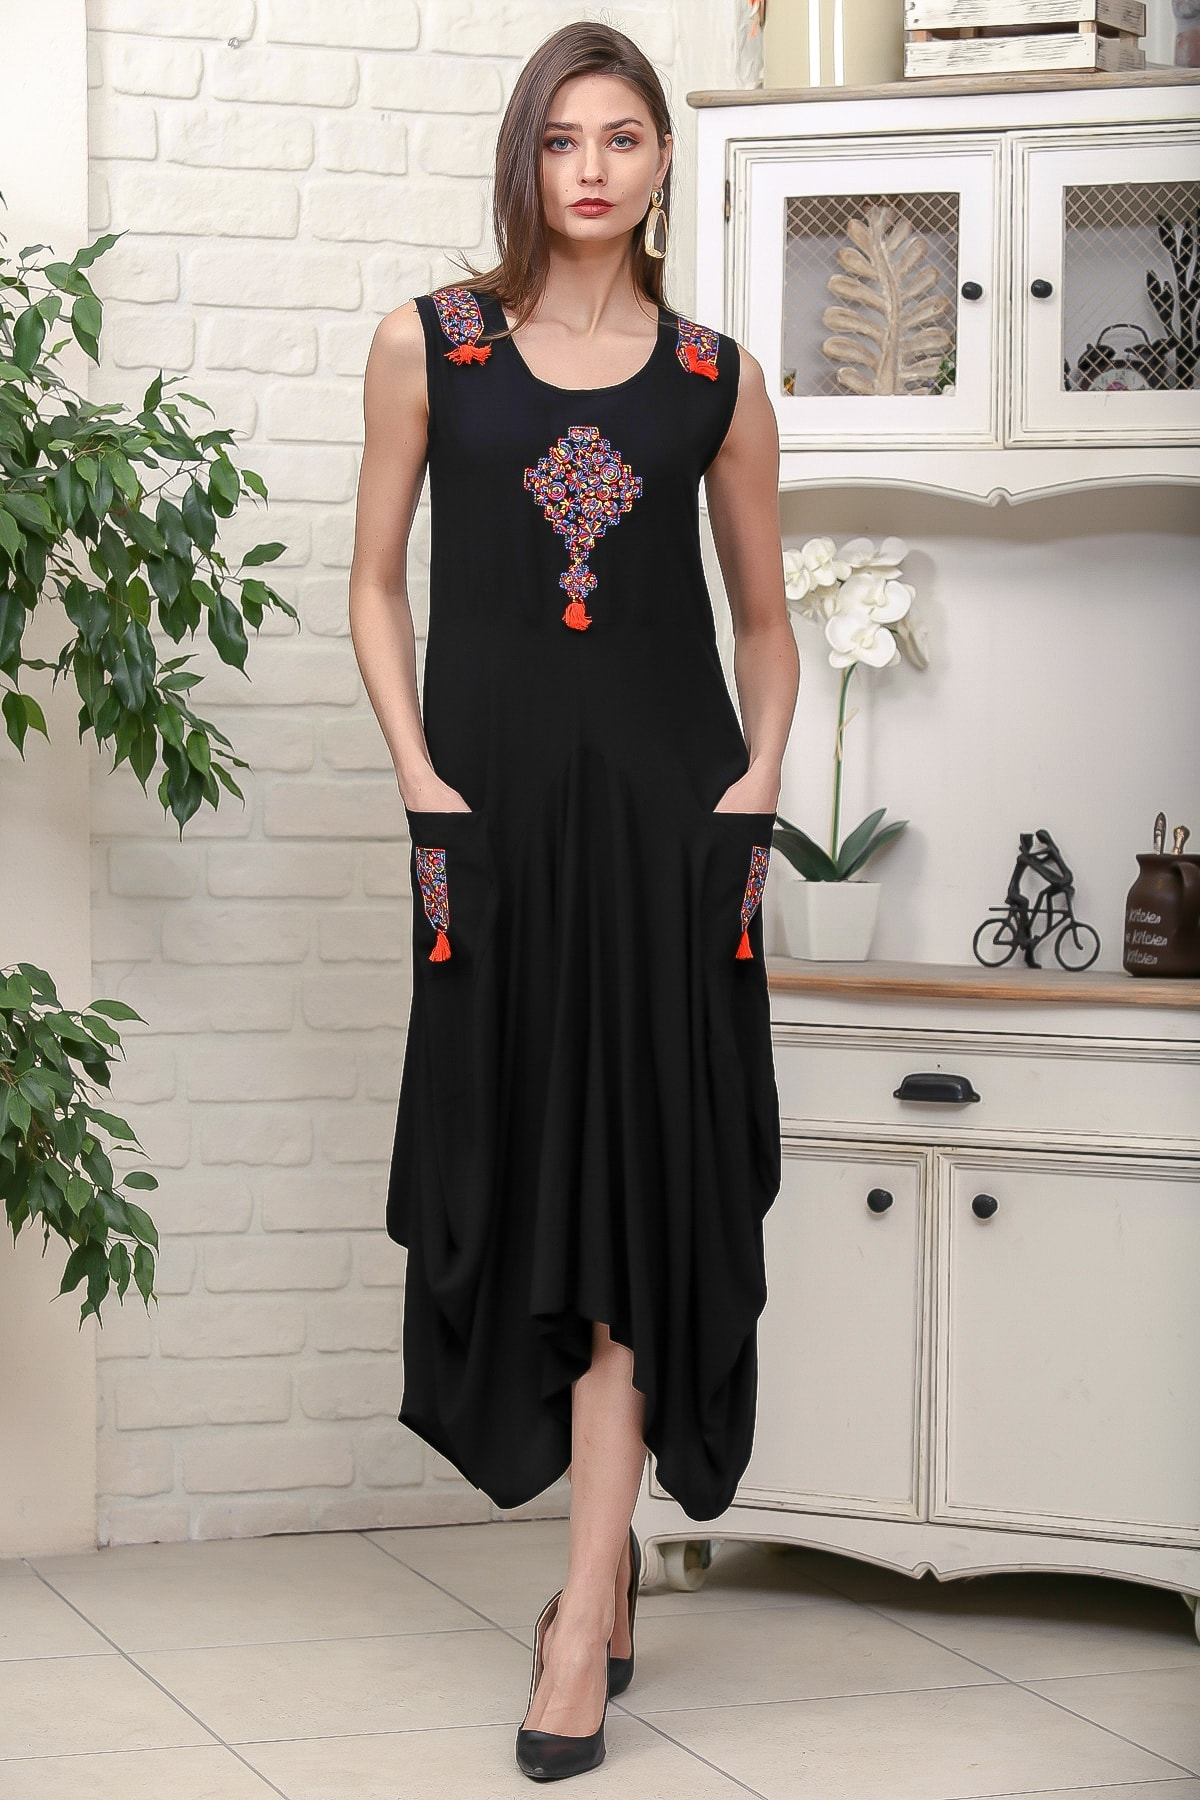 Chiccy Kadın Siyah Omuz Ve Ön Bedeni Tribal Nakışlı Cepli Asimetrik Salaş Dokuma Elbise M10160000EL95878 3